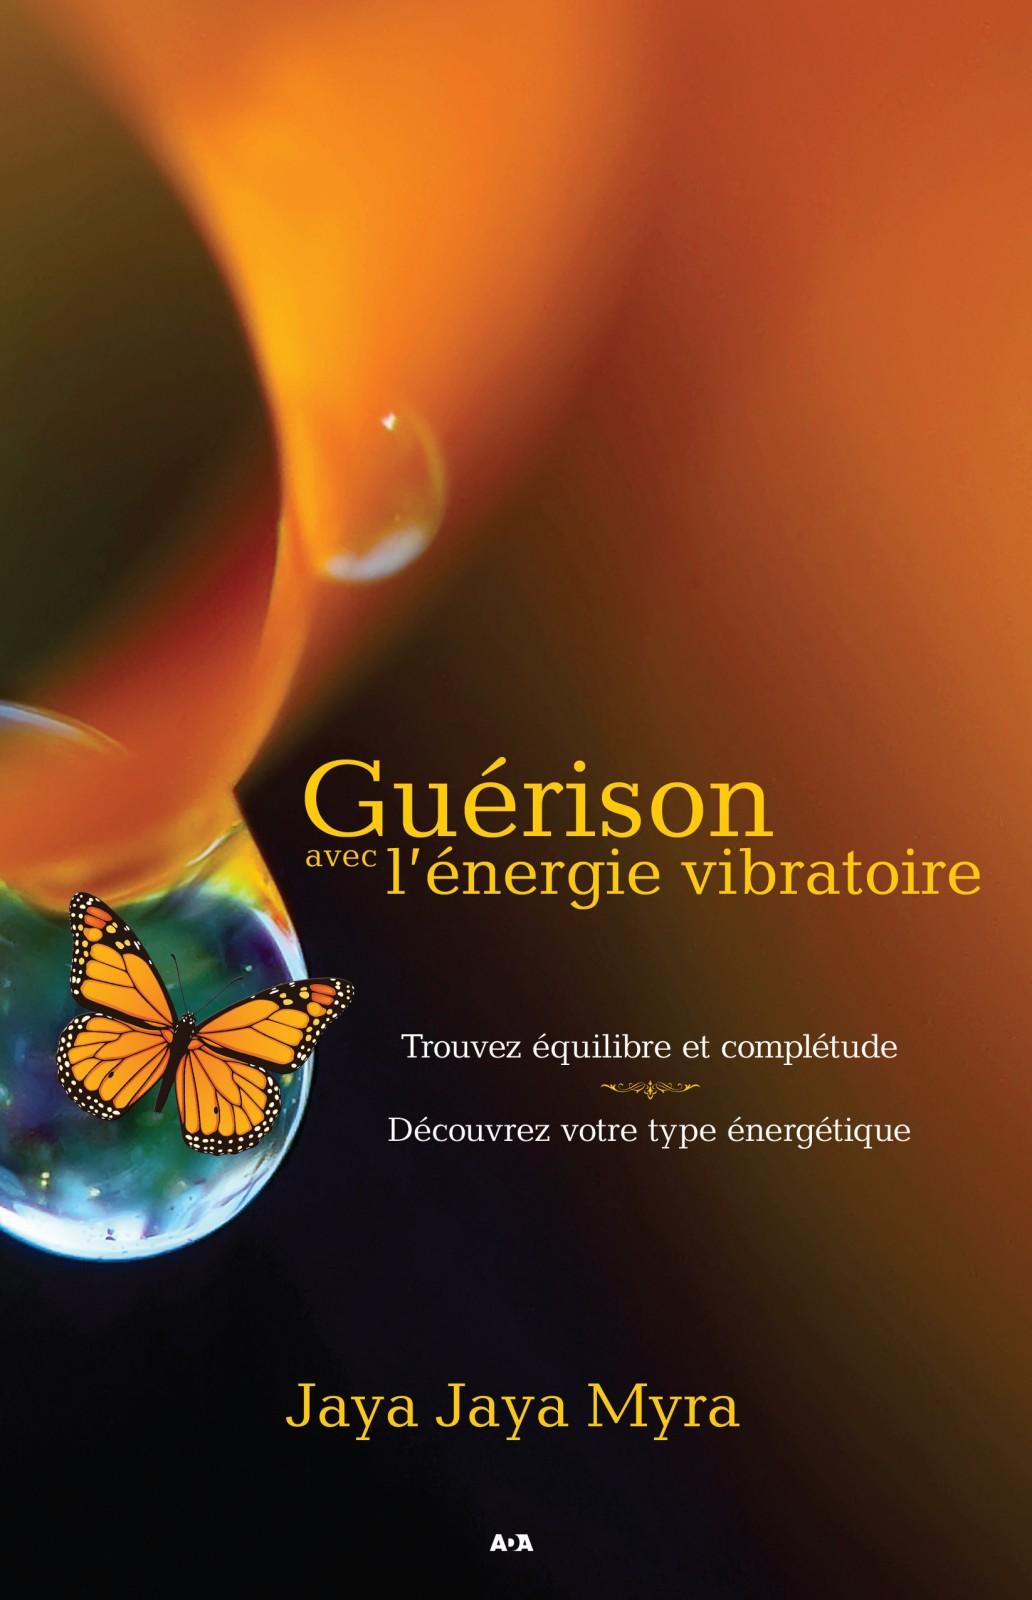 Guérison avec l'énergie vibratoire